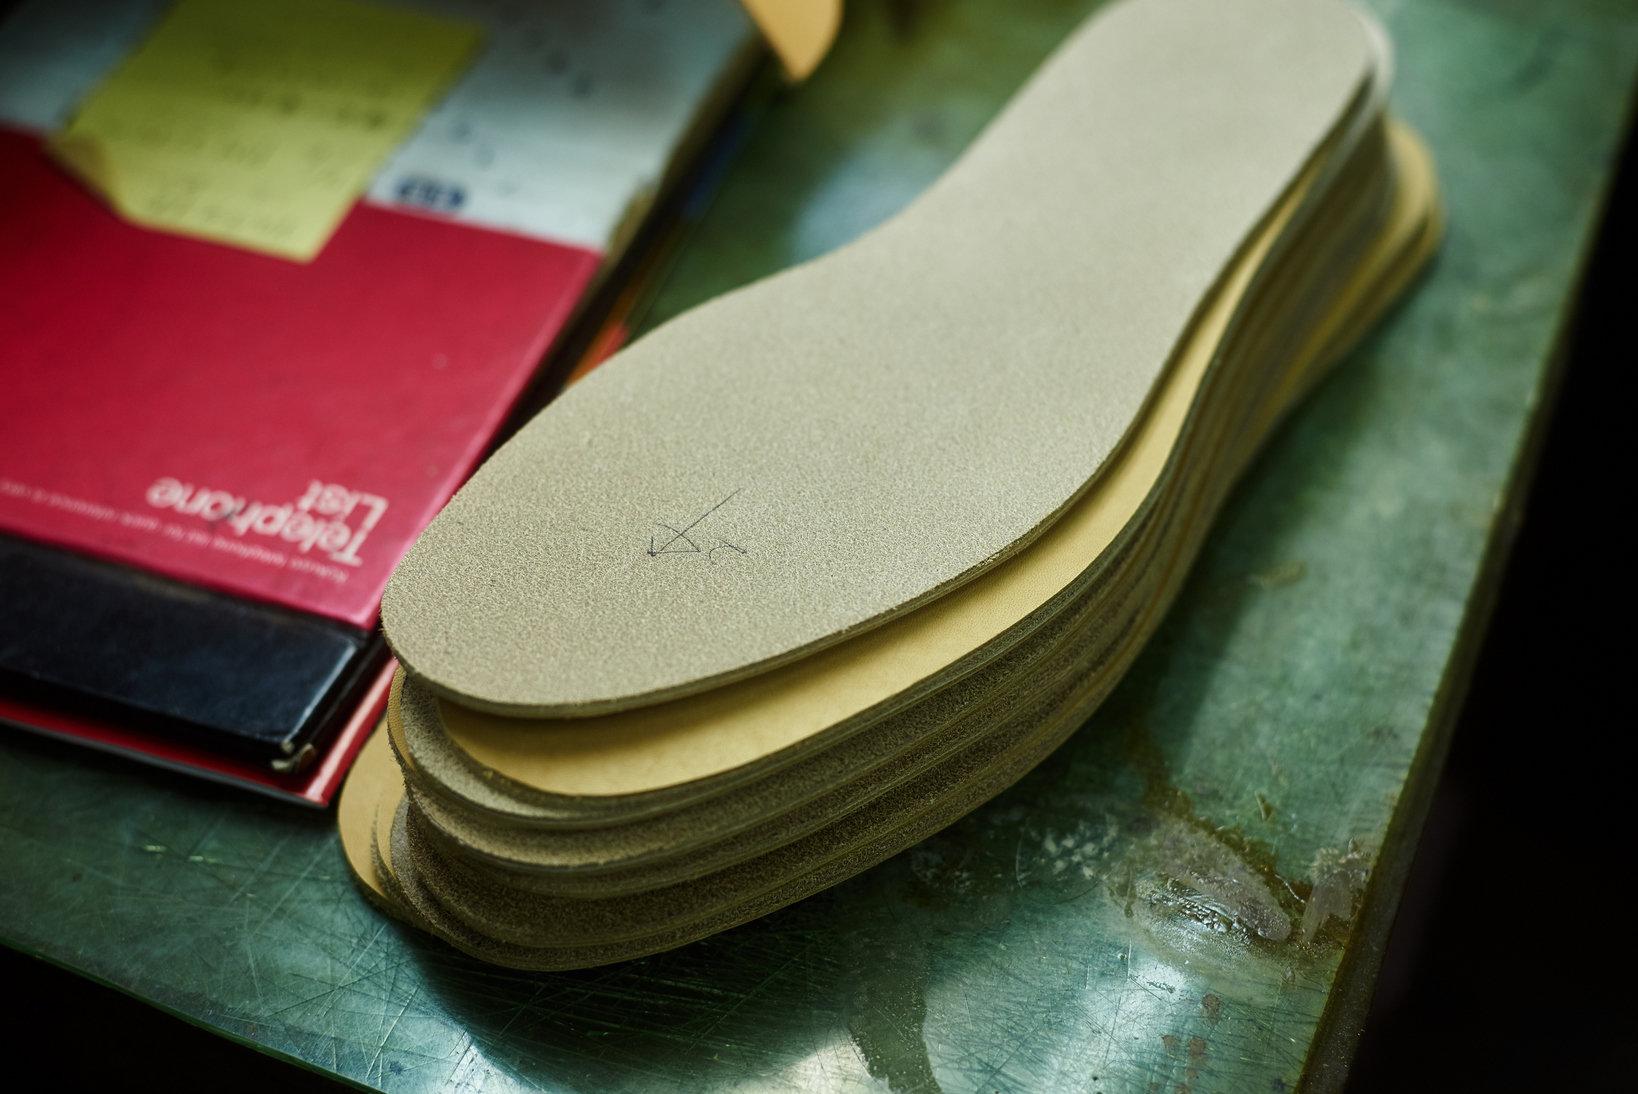 用いる素材の吟味にも手抜かりはない。アッパーに比べてないがしろにされがちな底材も、靴の性質に合わせて最適なものが選択される。